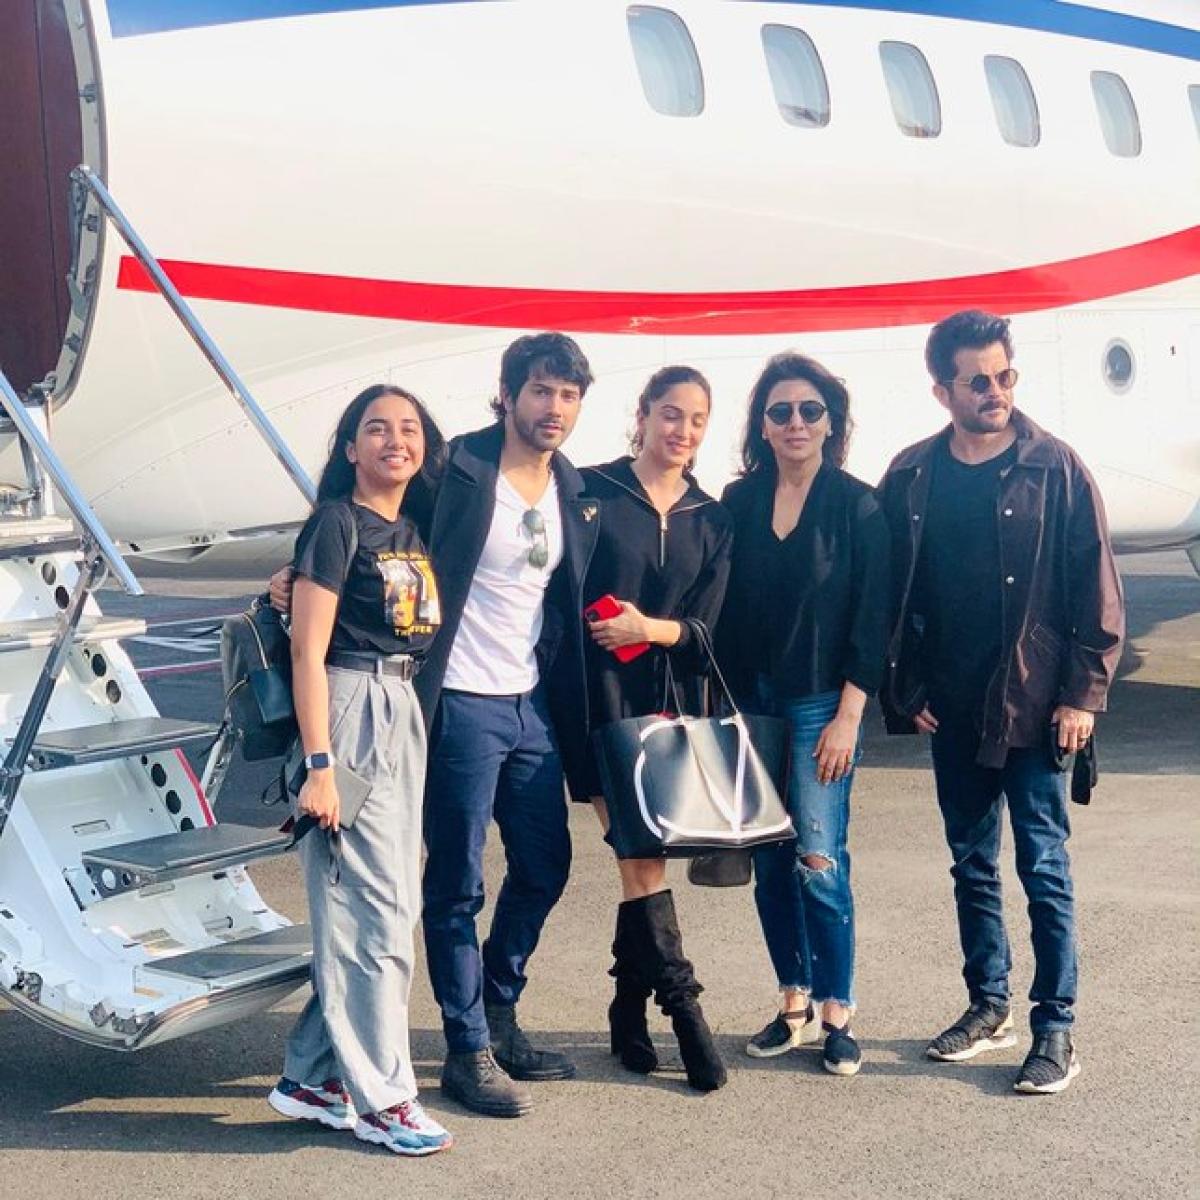 'Jug Jugg Jeeyo' starts shooting, team celebrates Neetu Kapoor's return to films